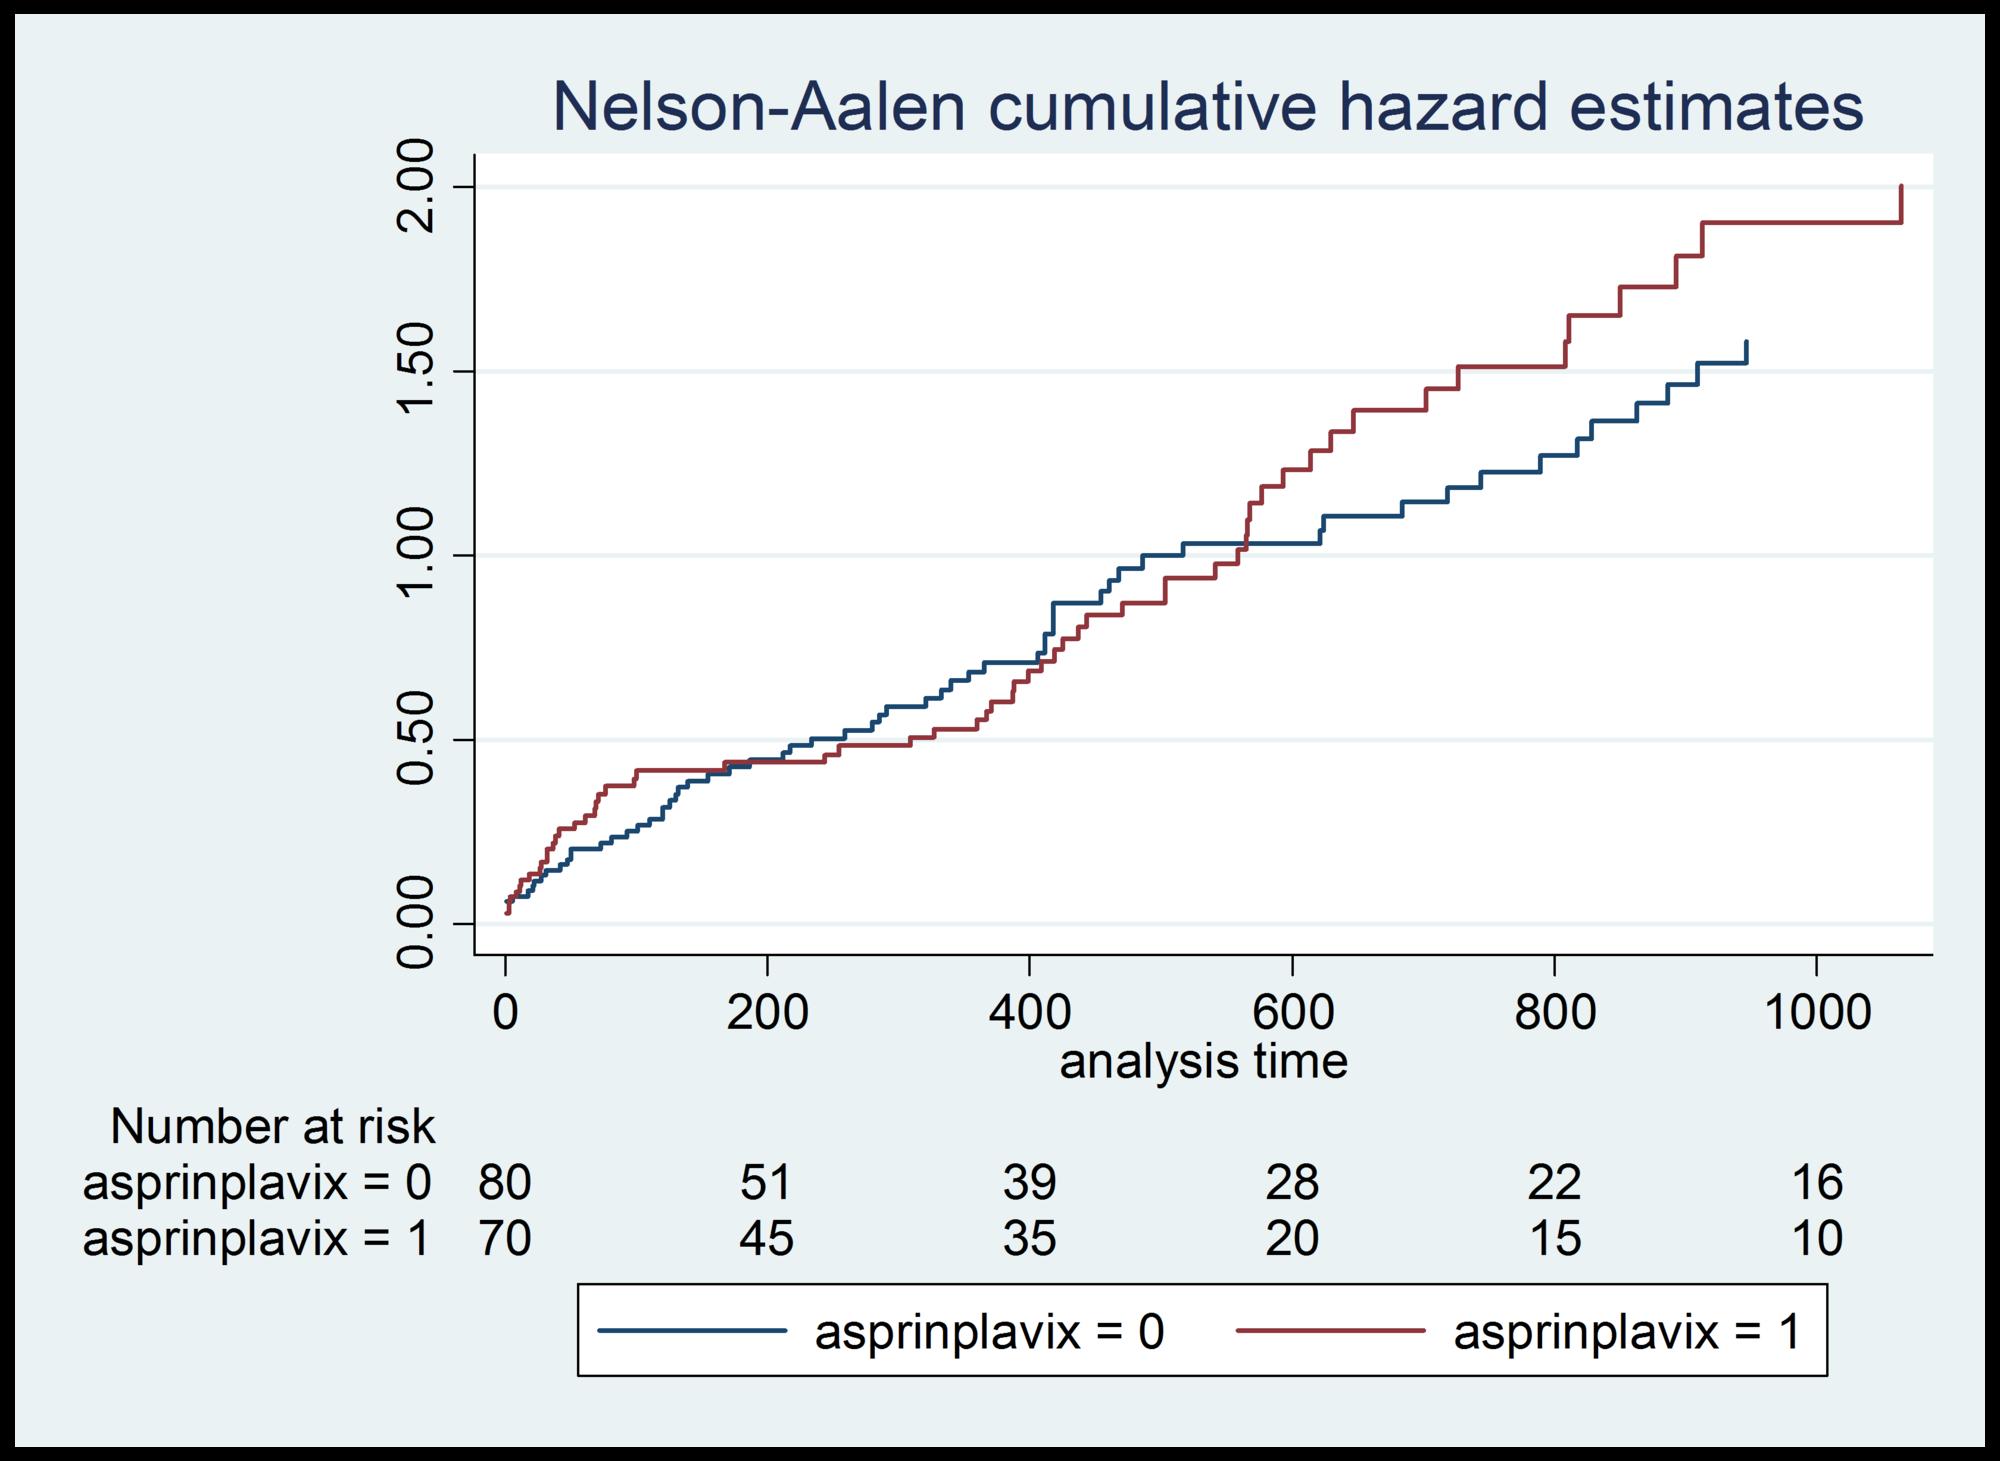 Aspirin-+-clopidogrel-hazard-ratios